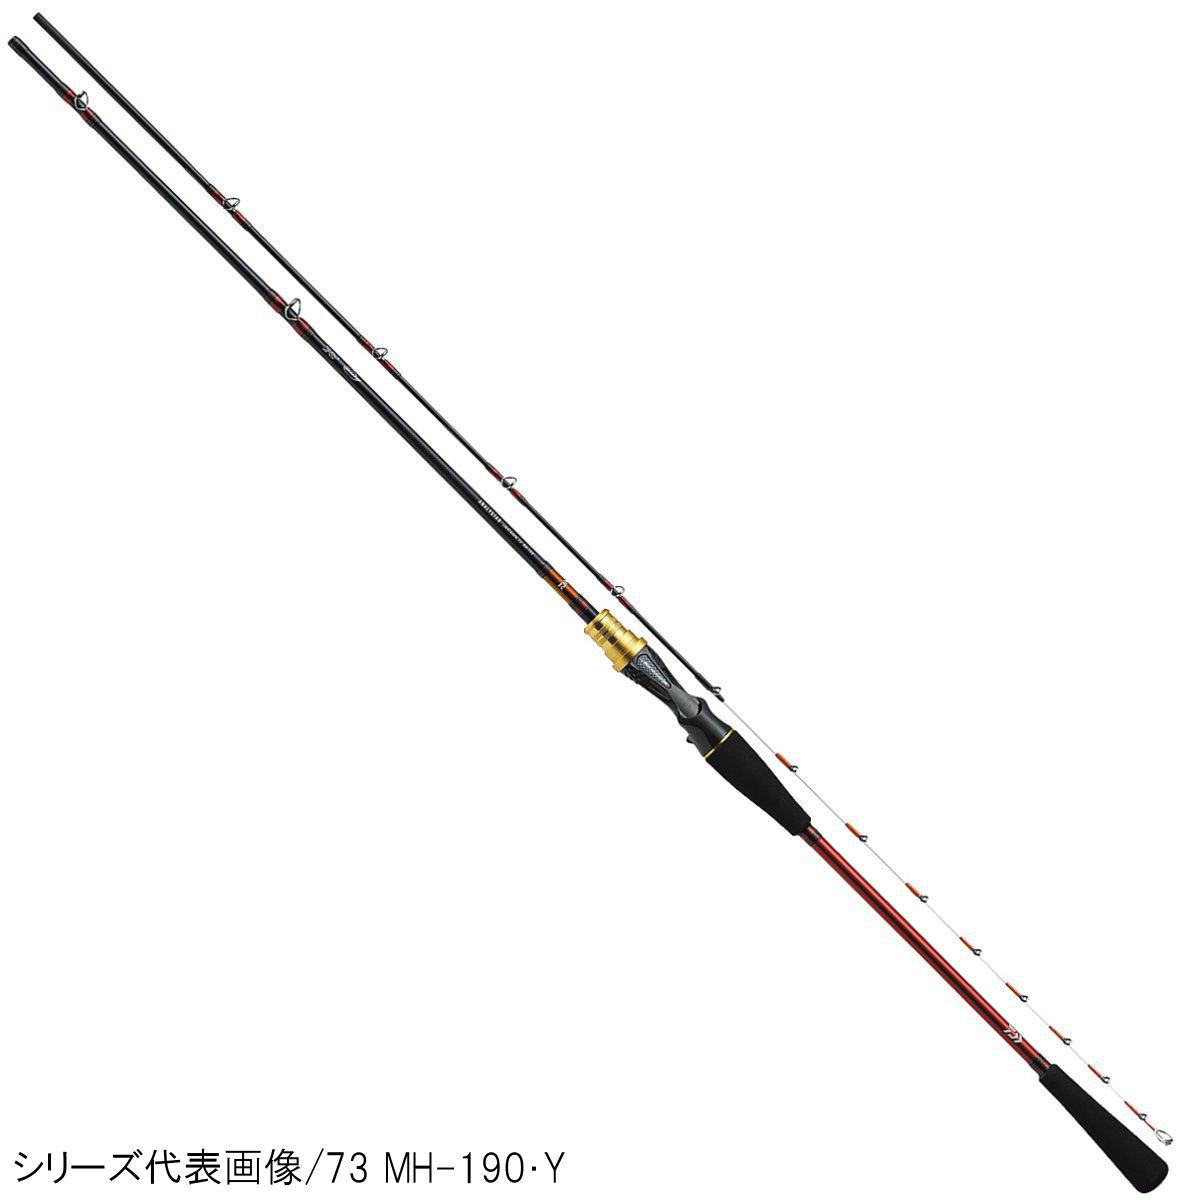 ダイワ アナリスター ライトゲーム 82 M-190・Y(東日本店)